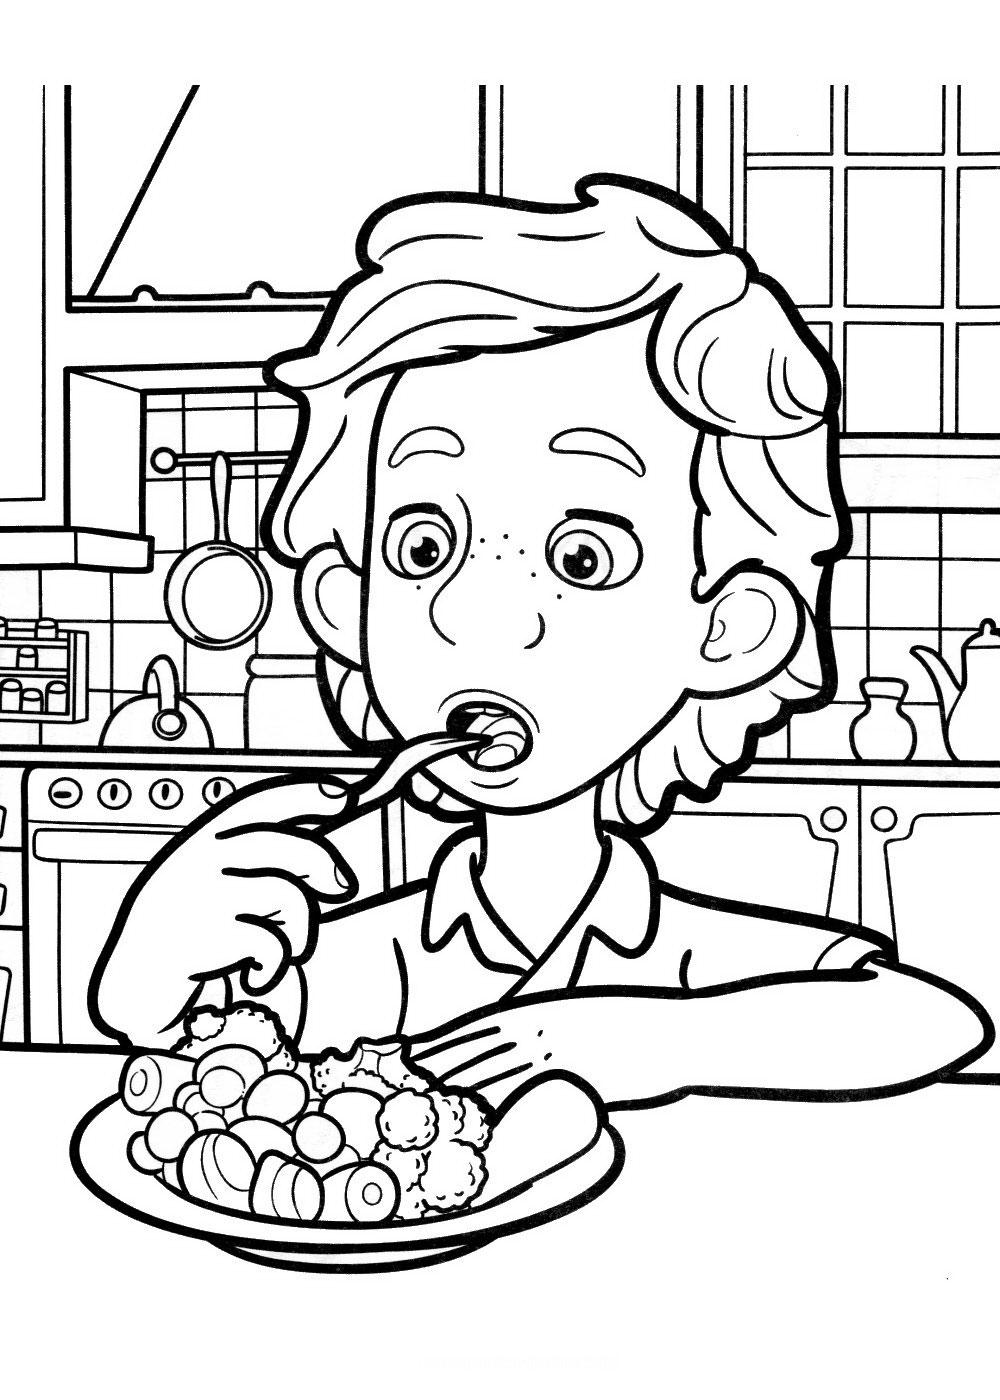 Дим Димыч ест овощи - раскраска №100 | Printonic.ru